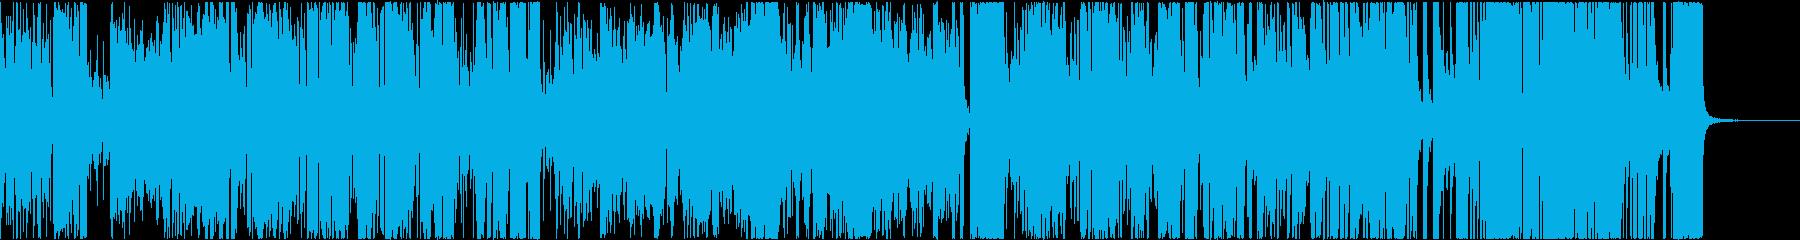 テーマ曲風ビッグバンド _前奏短いの再生済みの波形